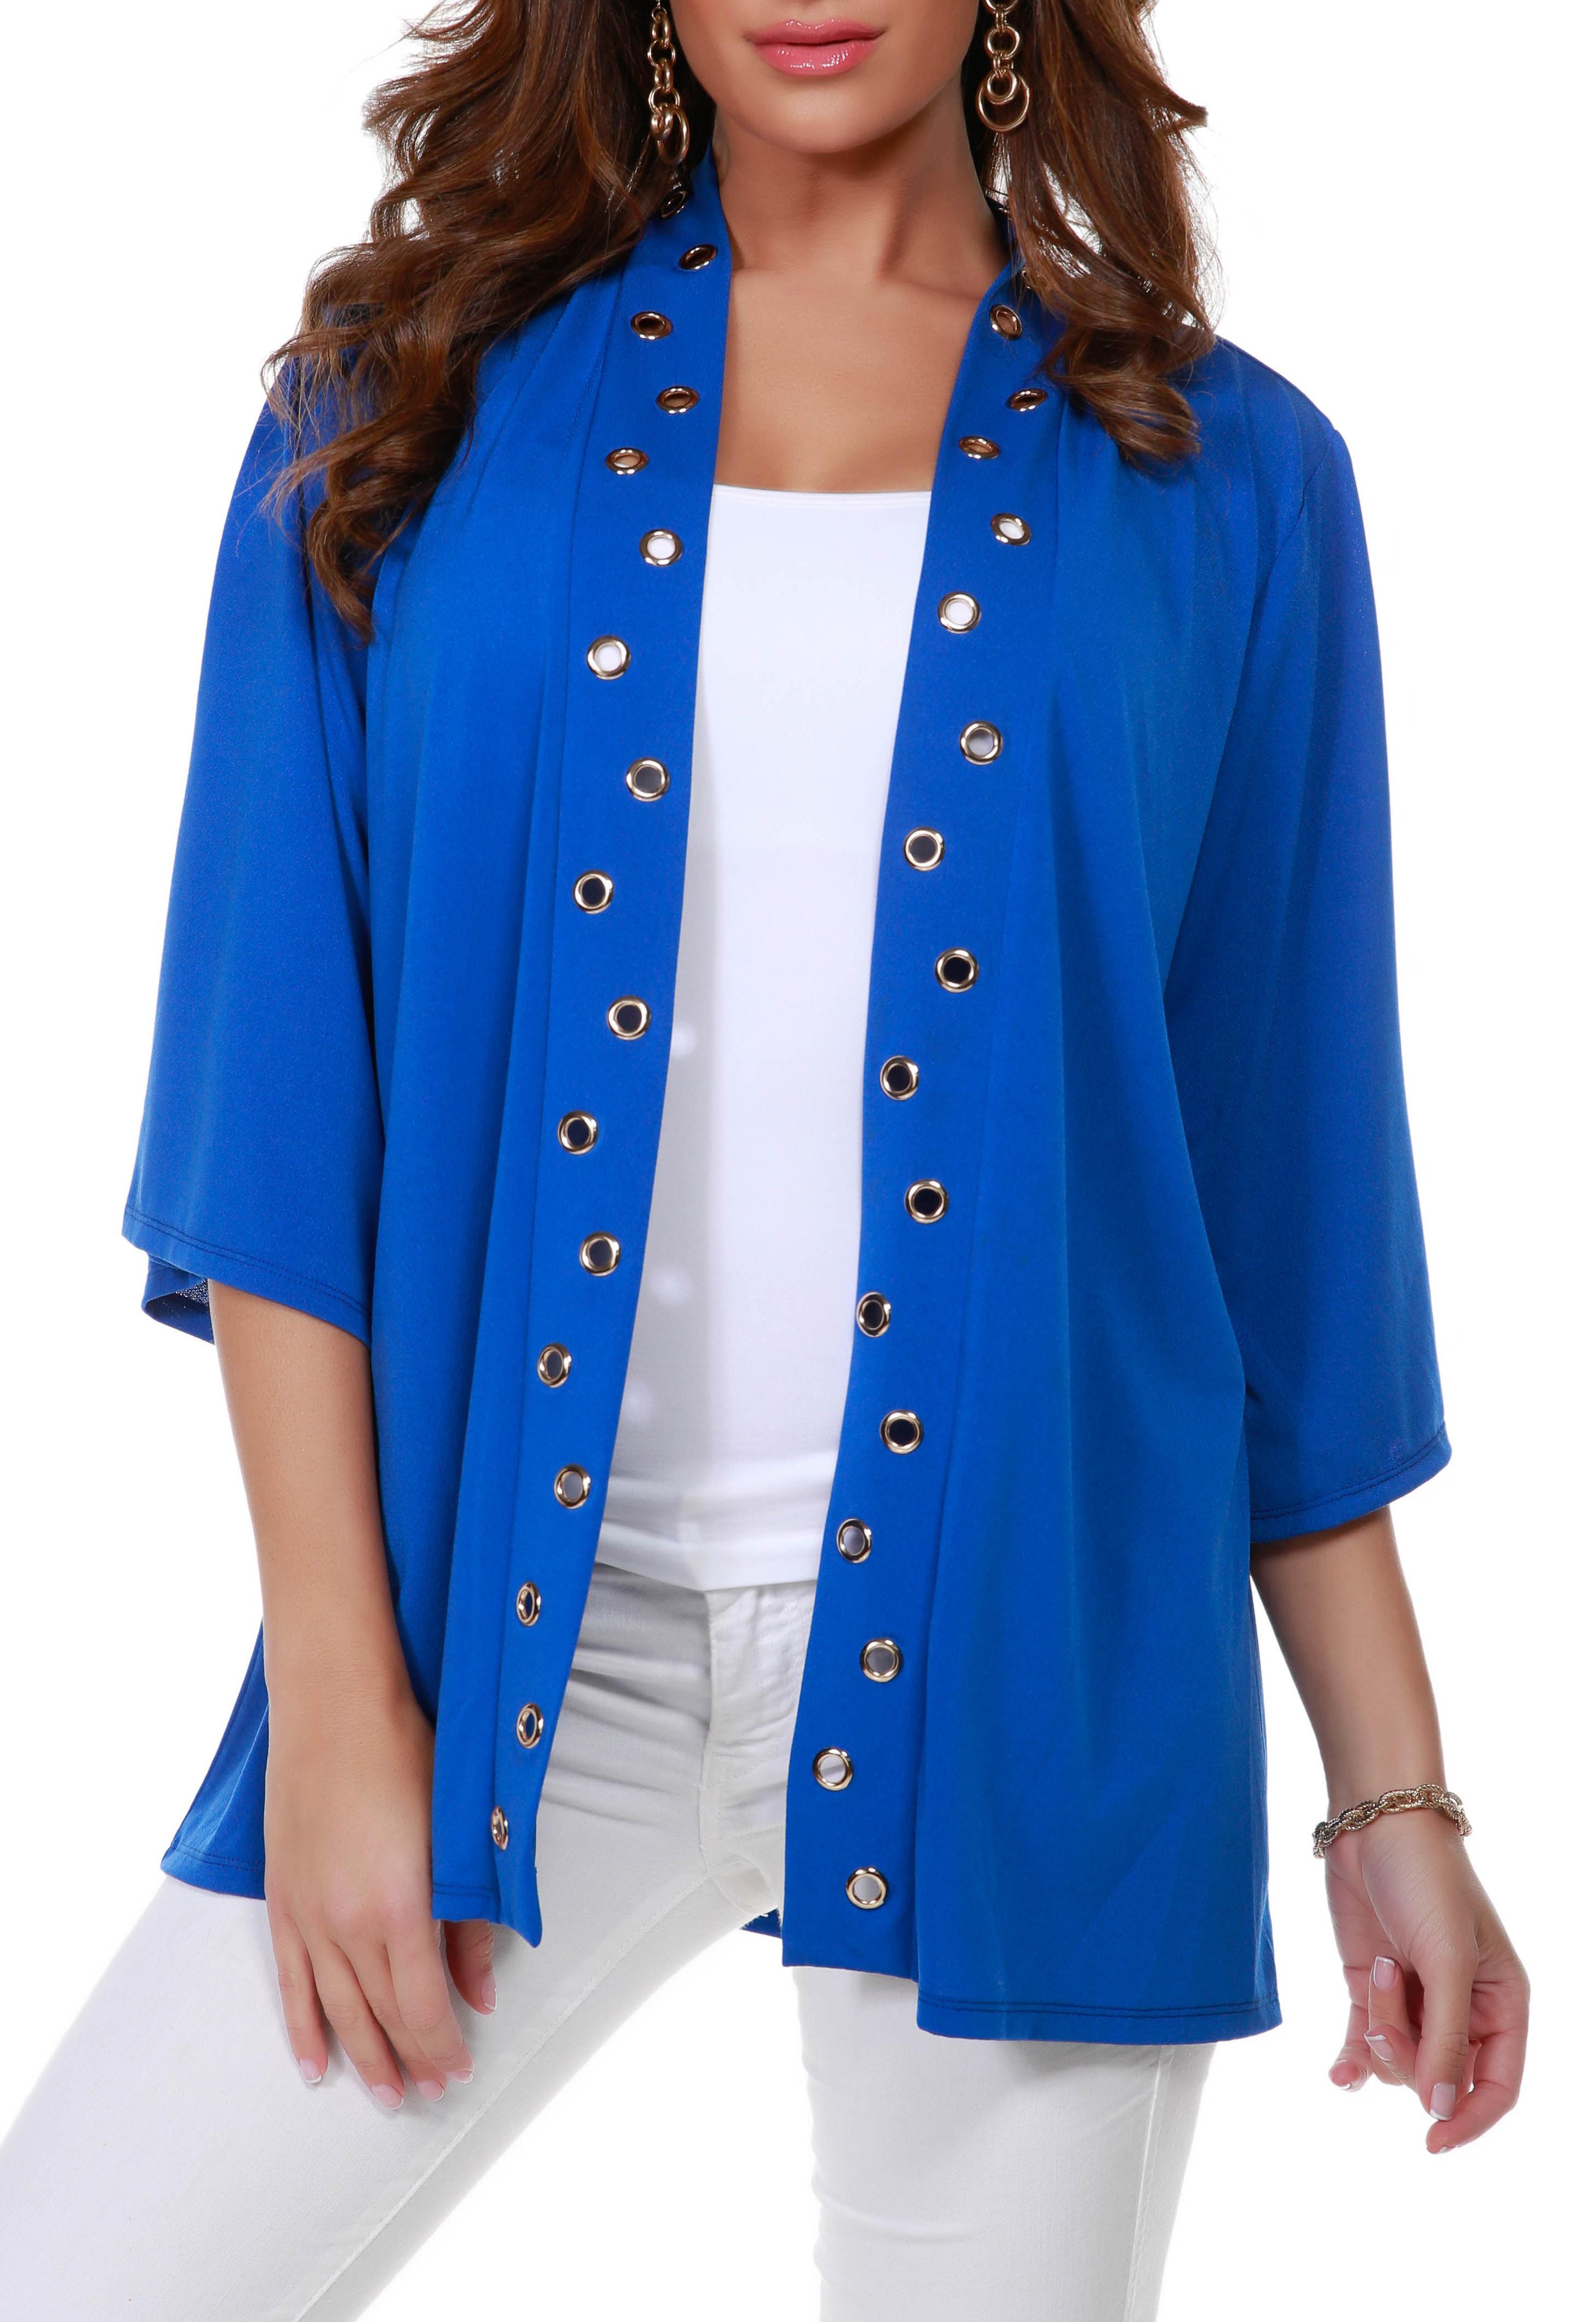 3/4 Sleeve Grommet Trimmed Cardigan - Misses -Cerulean Blue/Gold - Front